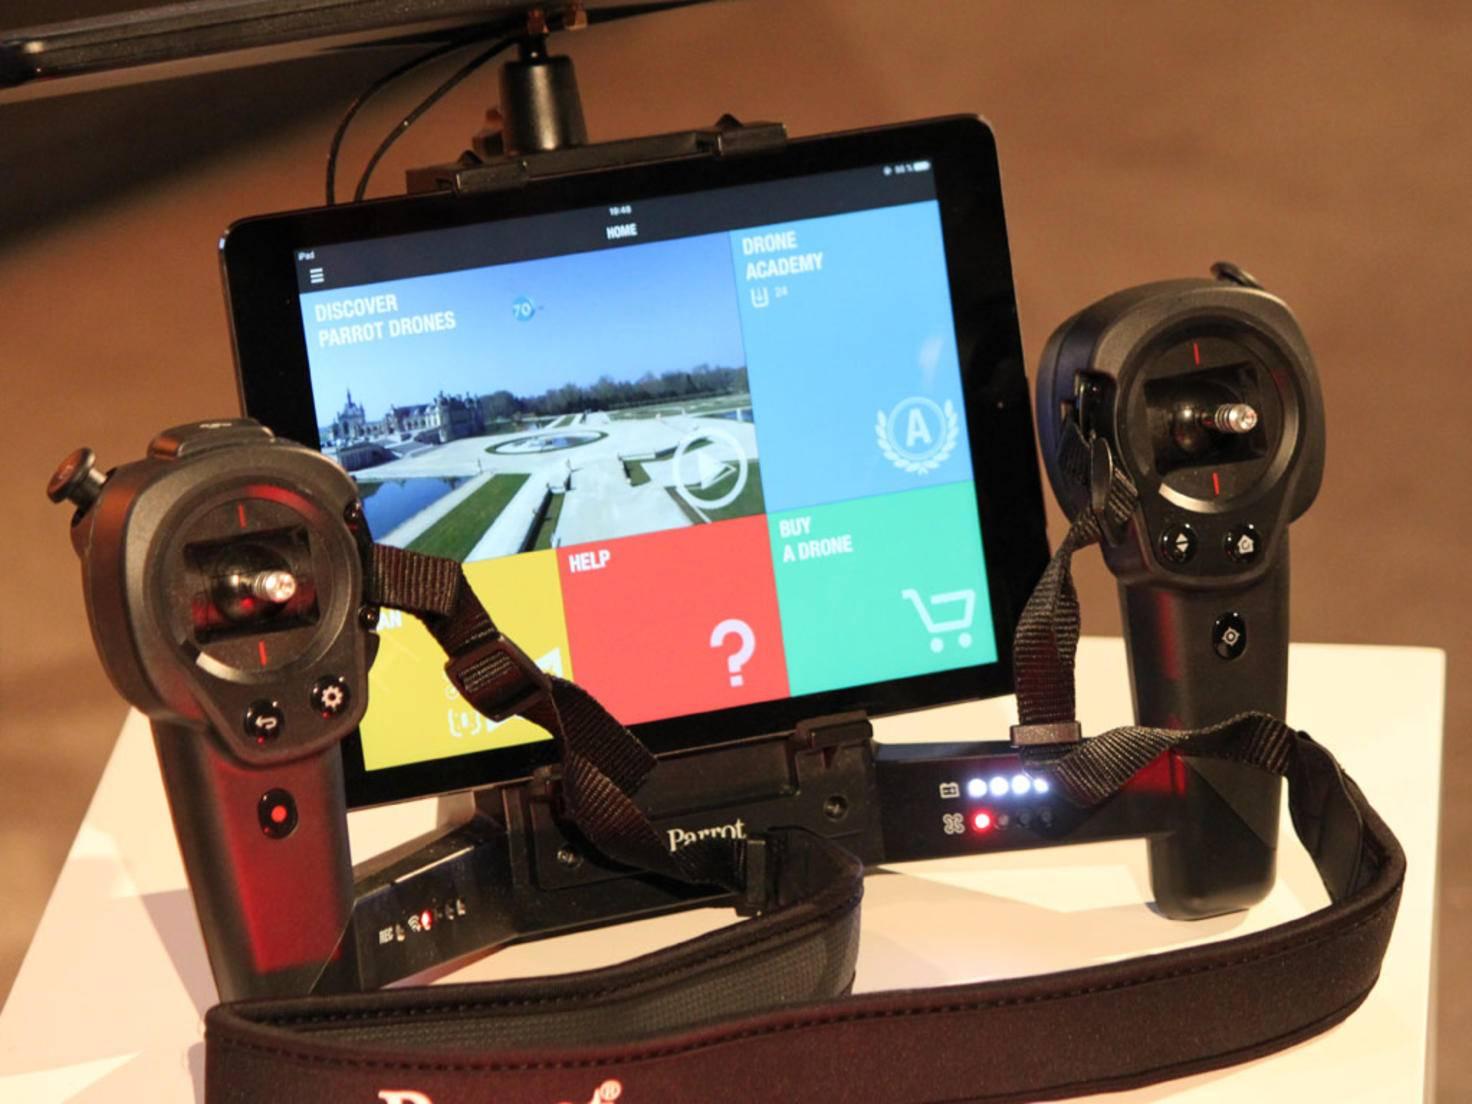 Der Skycontroller erscheint in einer speziellen Black Edition.